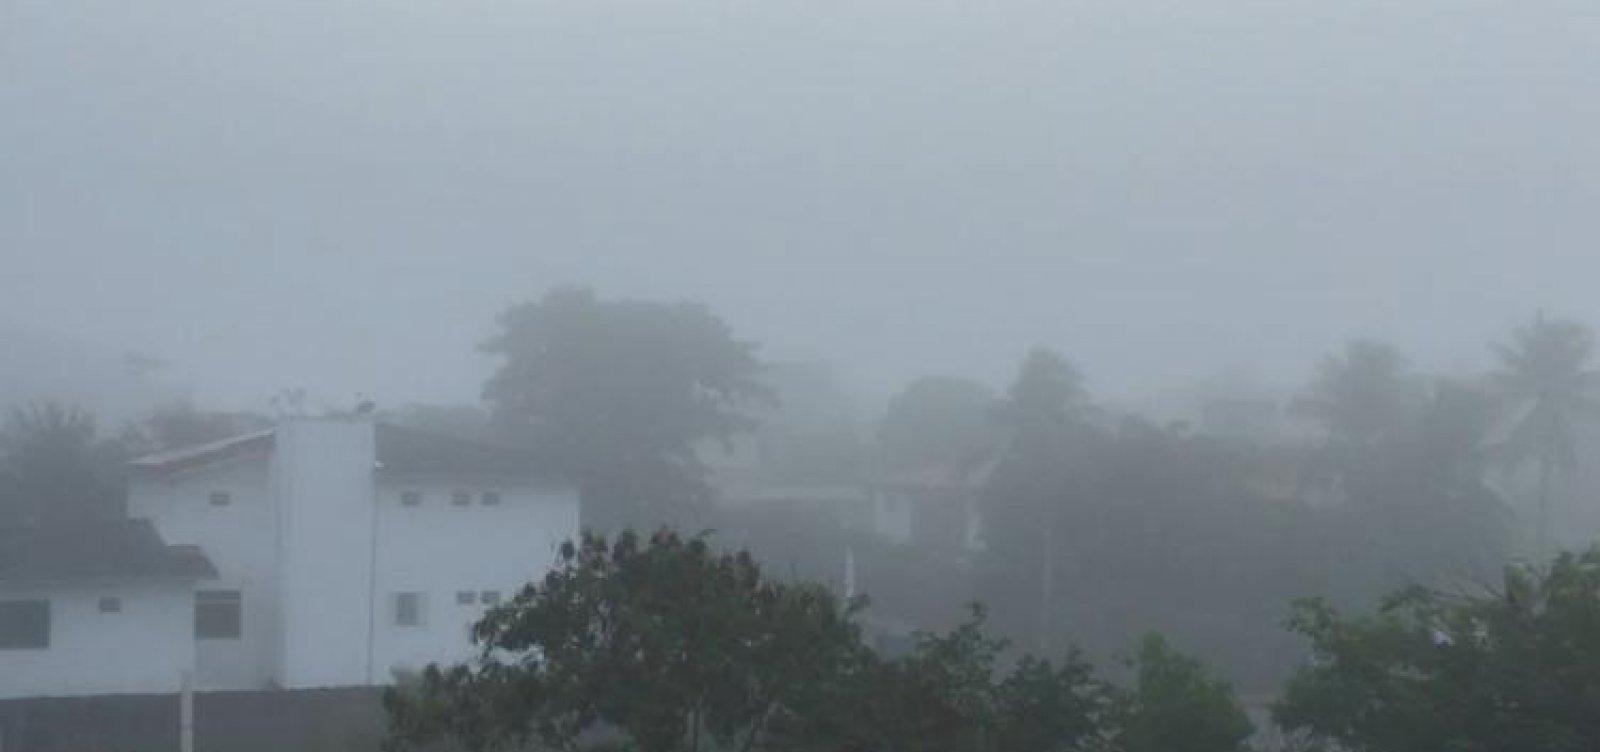 Fenômeno que cobre toda Salvador não é neblina; entenda